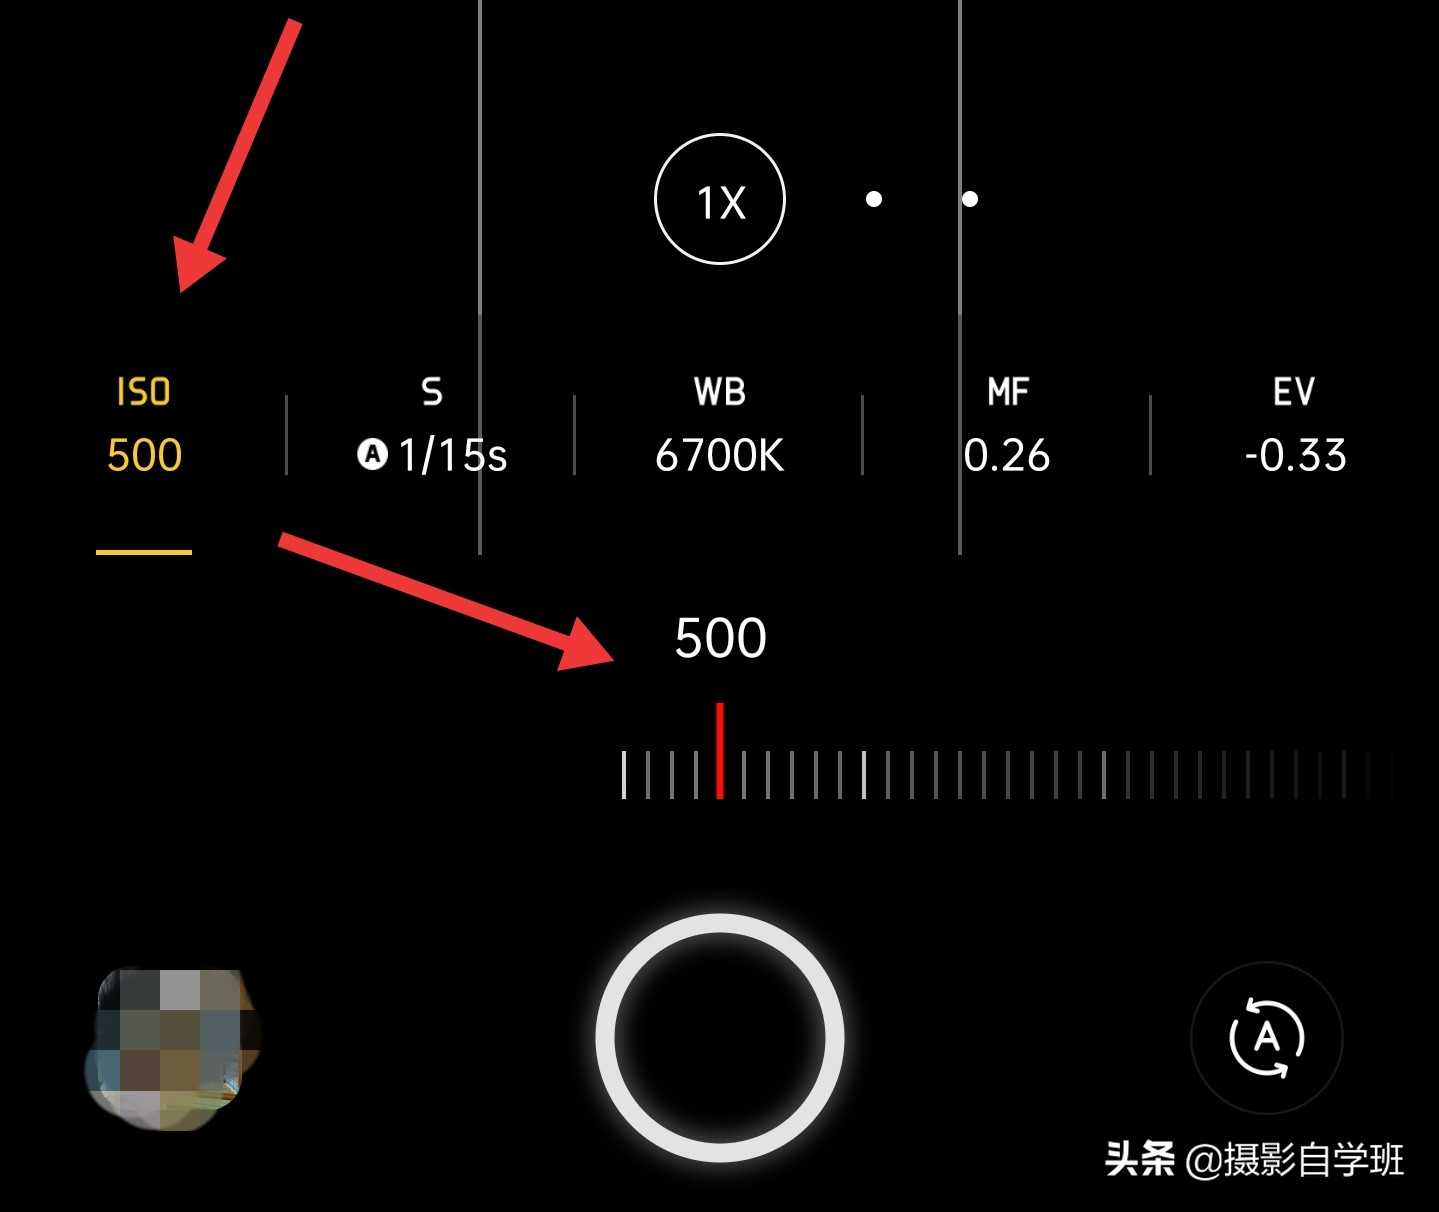 手机摄影参数不会调?看这篇教程就够了!帮你弄懂参数拍美照